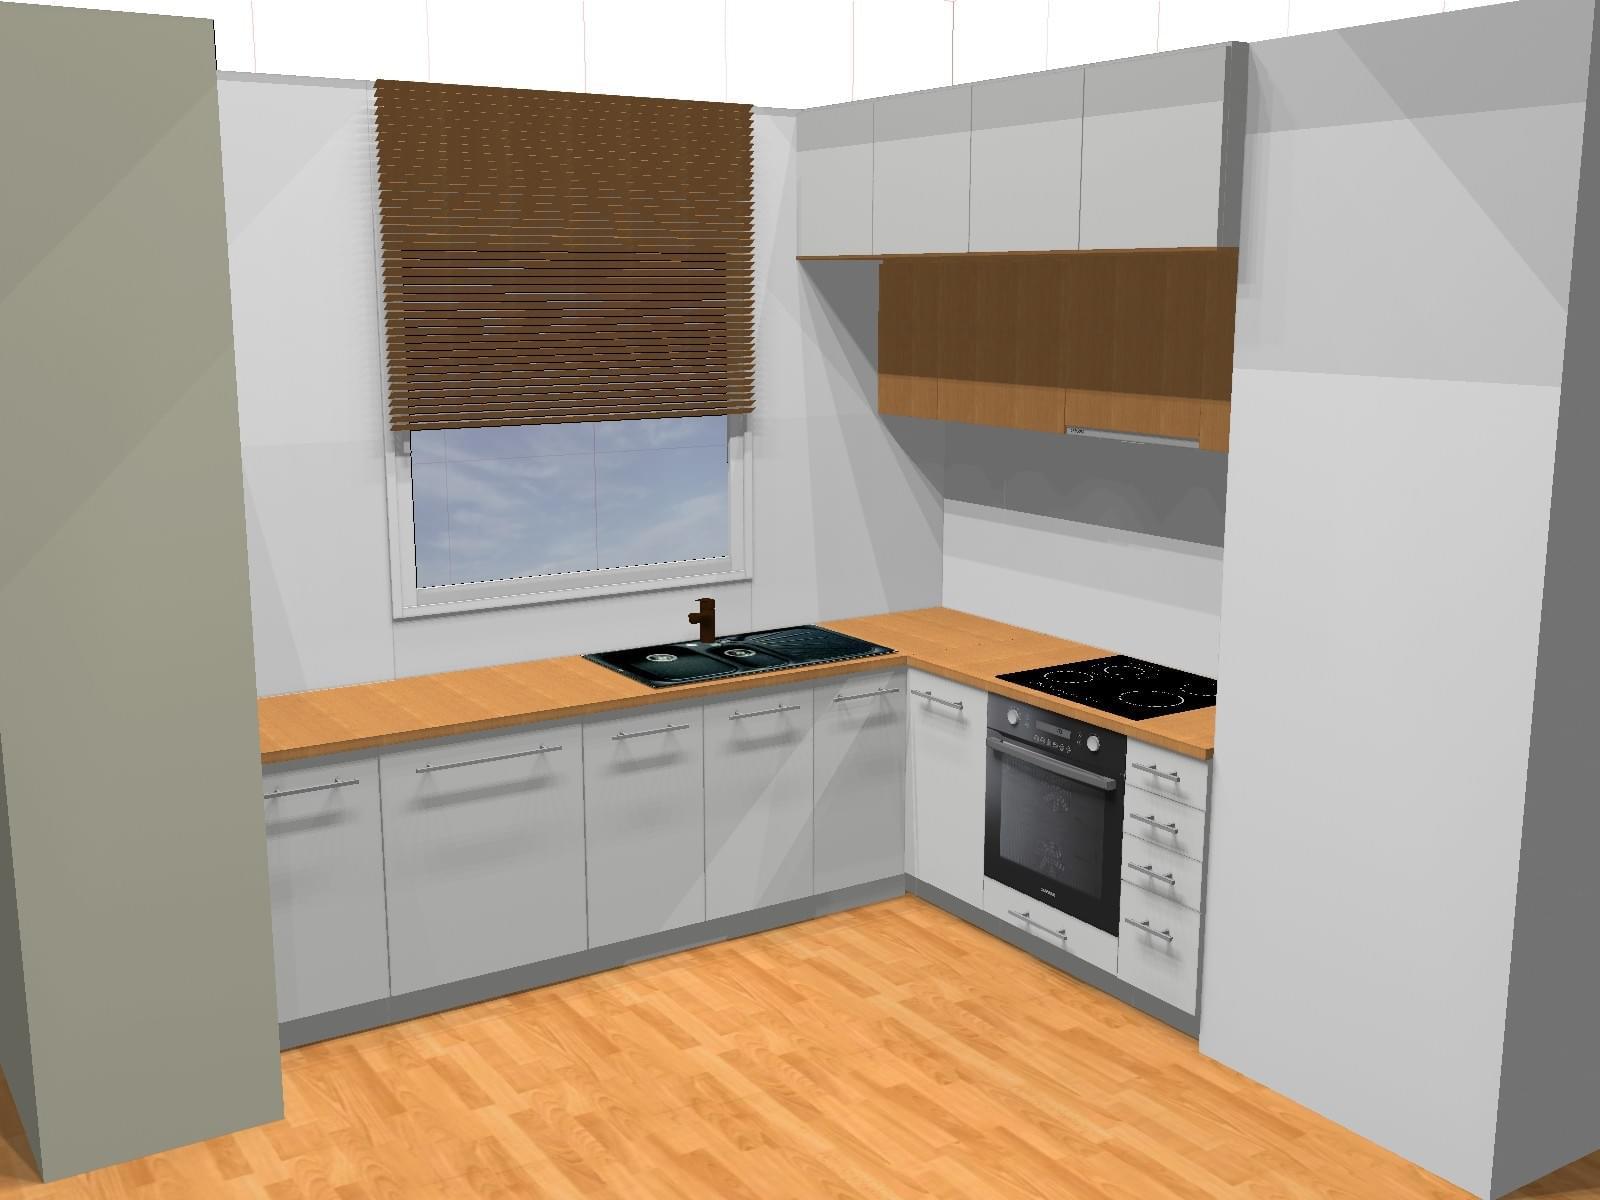 Projekt kuchni wizualizacje projektowanie wn trz for Polaczenie kuchni z salonem